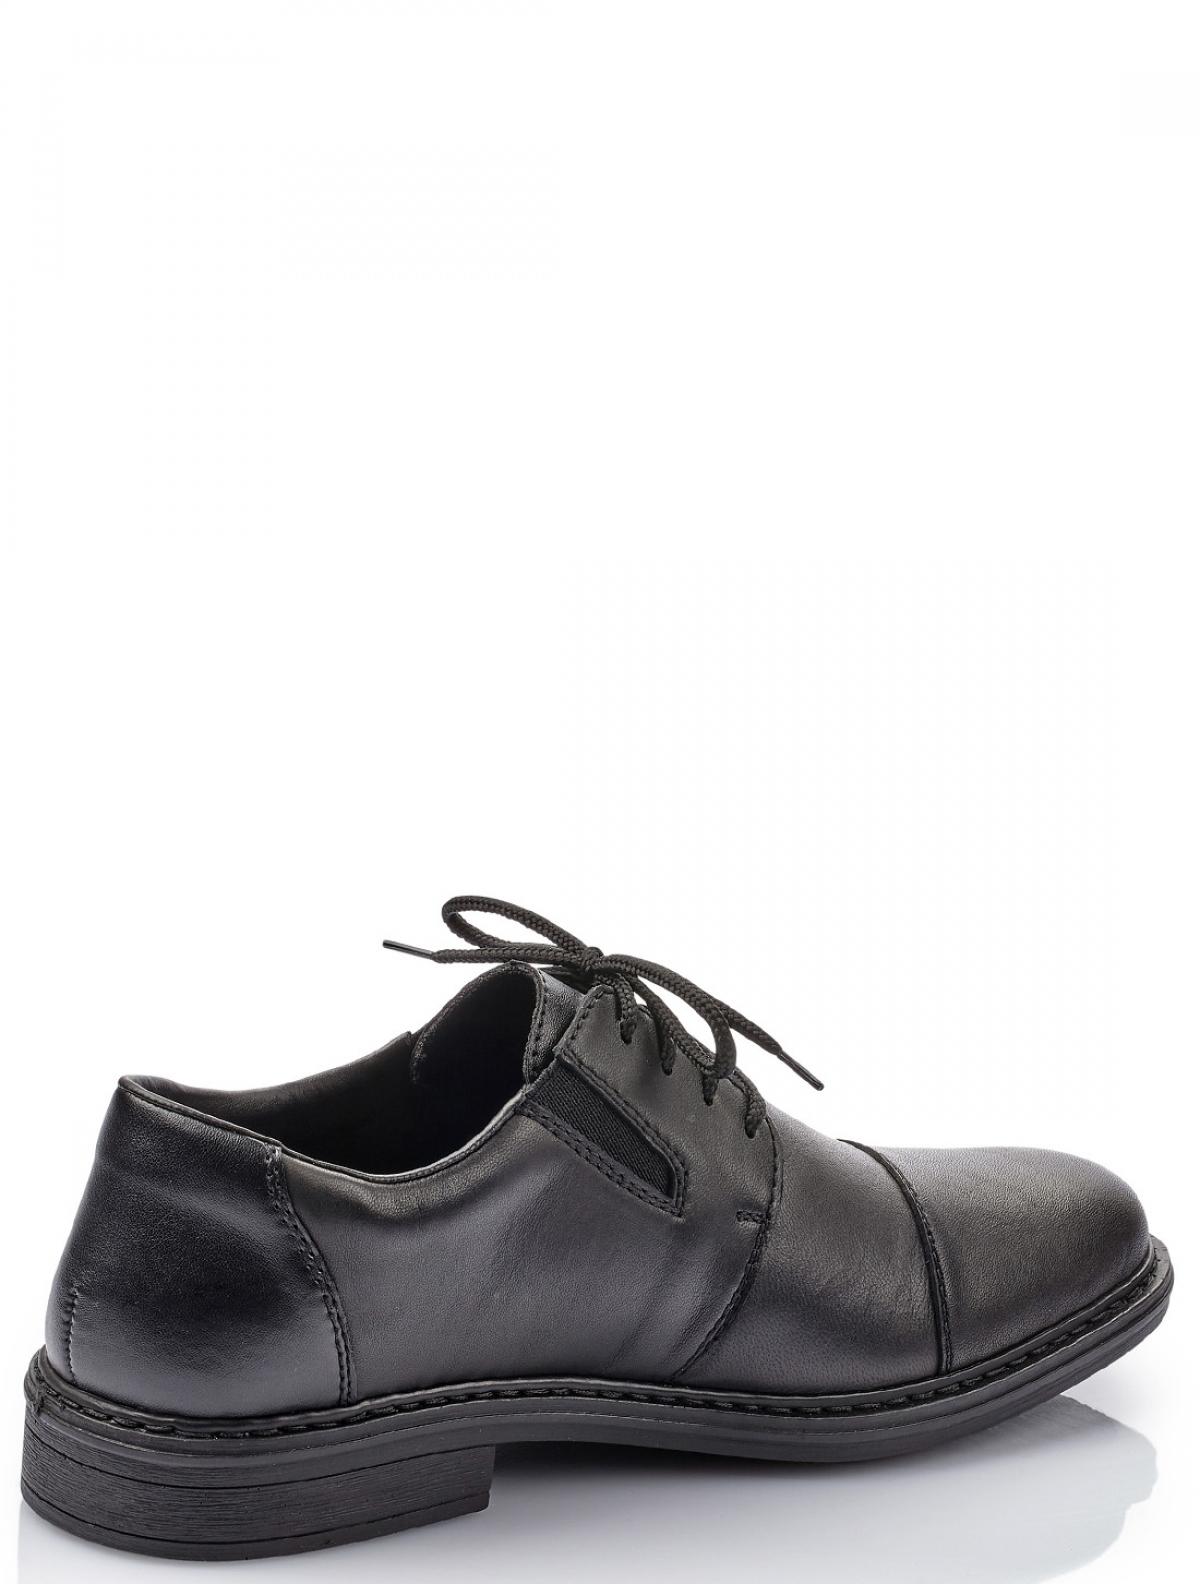 Rieker 17642-00 мужские туфли